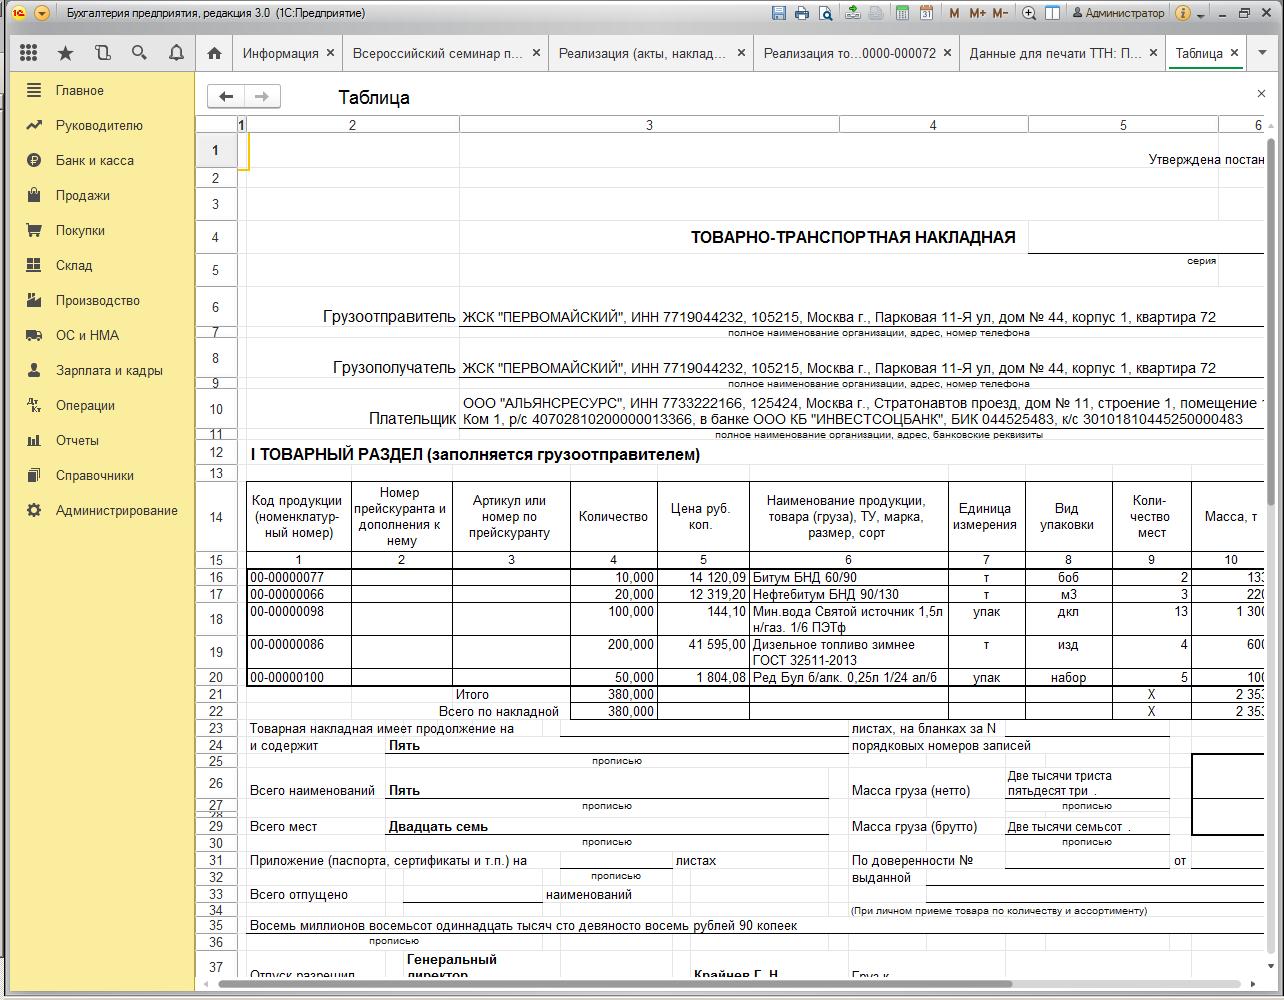 Обработка для создания ттн в 1с 8.2